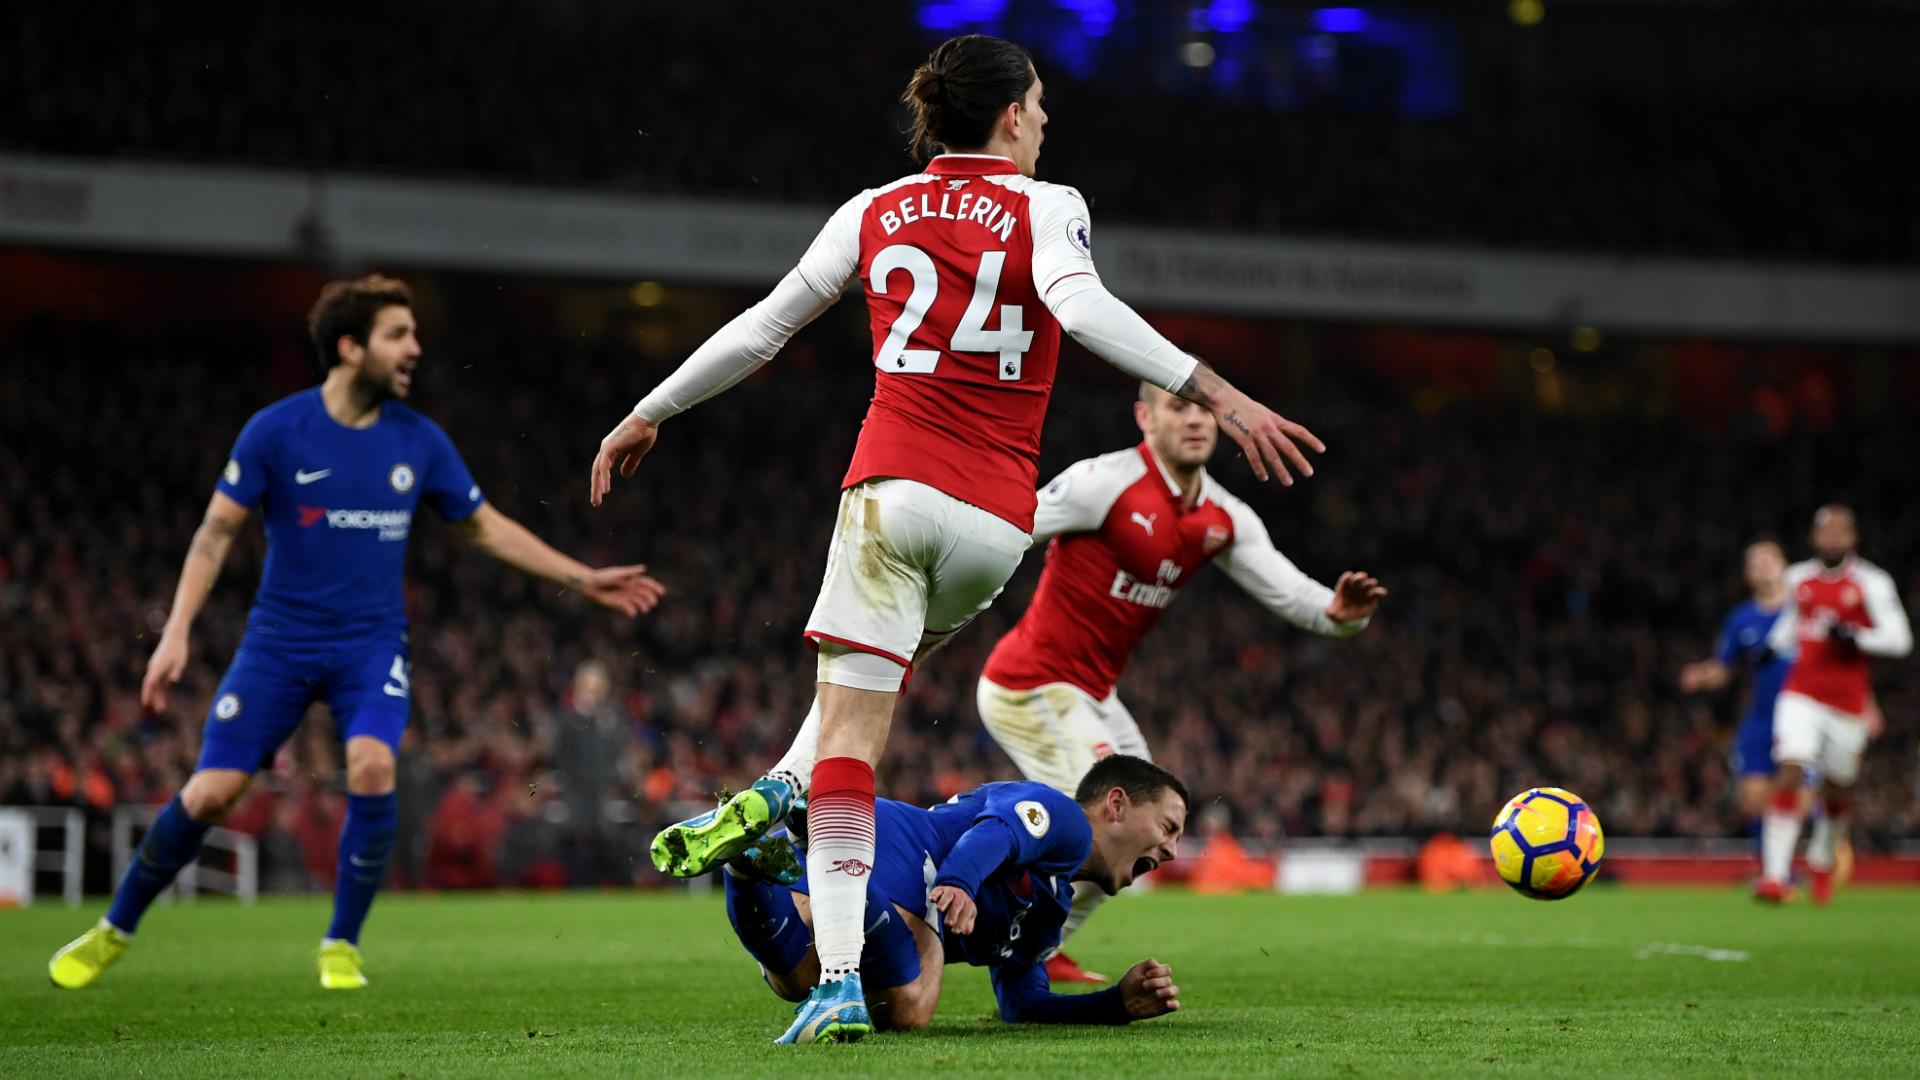 Hector Bellerin Eden Hazard Arsenal Chelsea